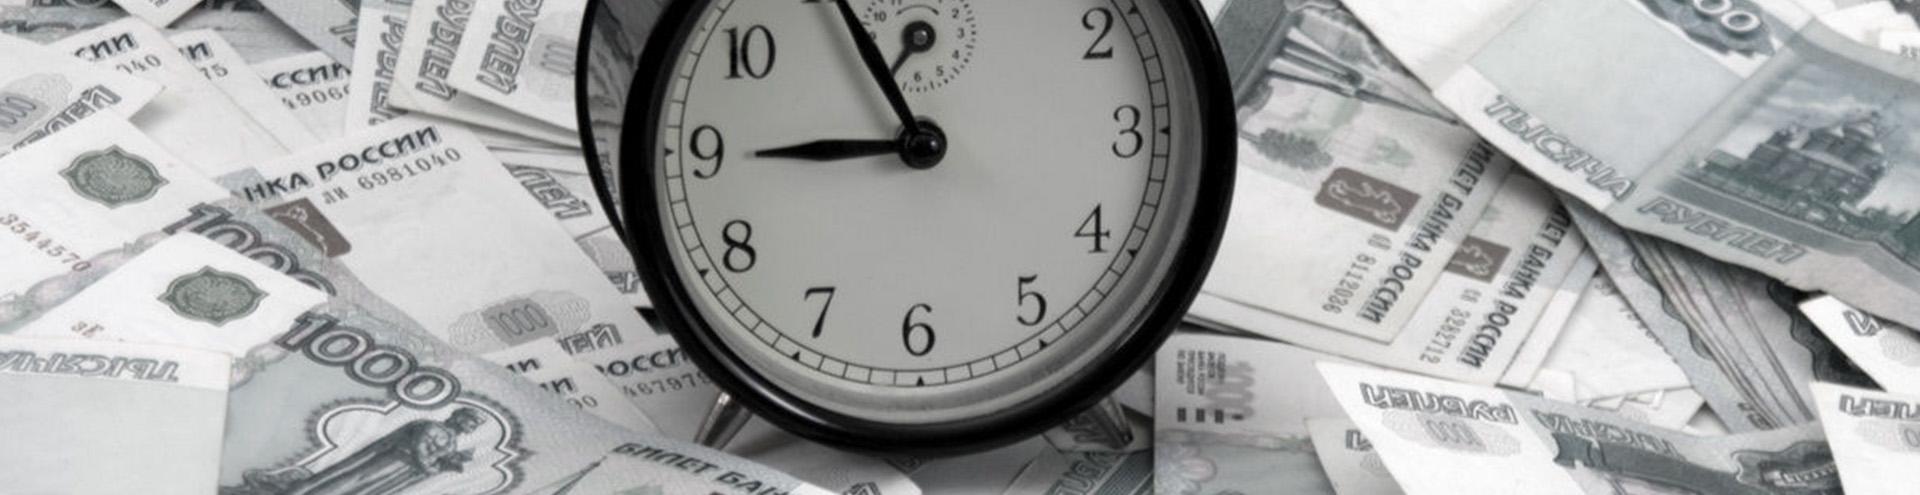 судебное взыскание долгов в Челябинске и Челябинской области